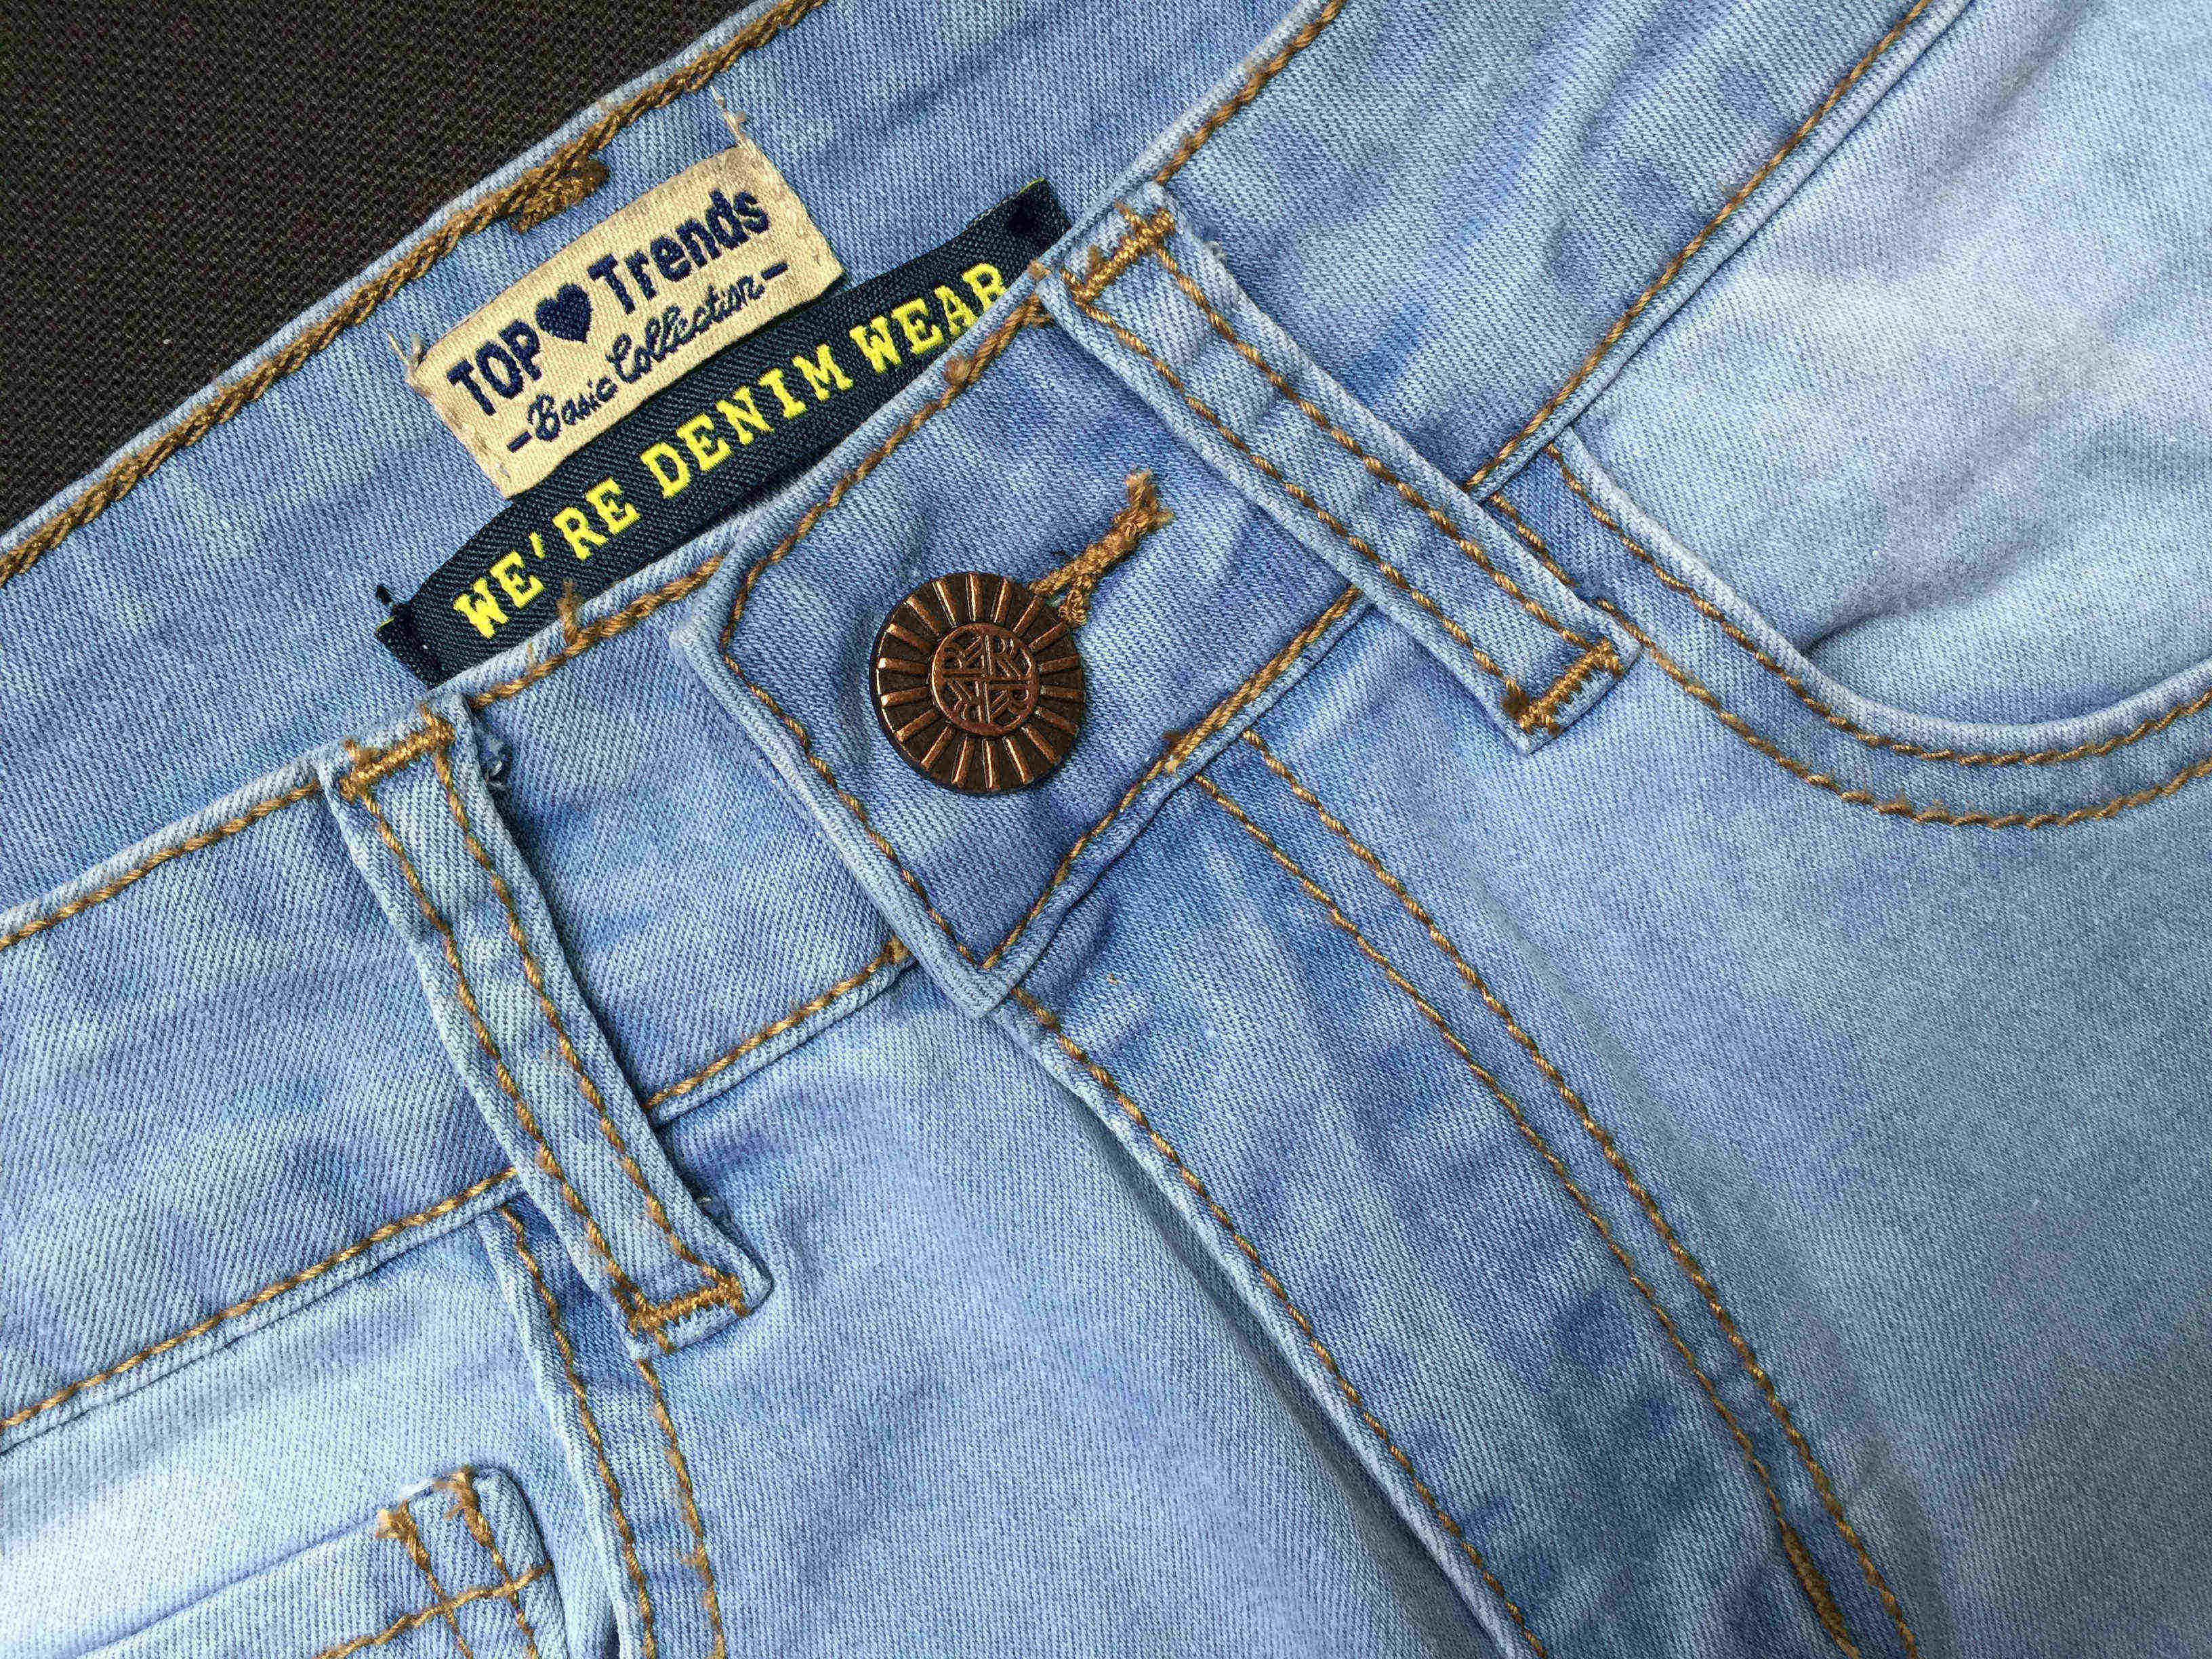 2016052920 Nueva llegada rasgado gran agujero borlas jeans de cintura alta lavados pantalones de mezclilla largos pantalones tallas grandes mujeres